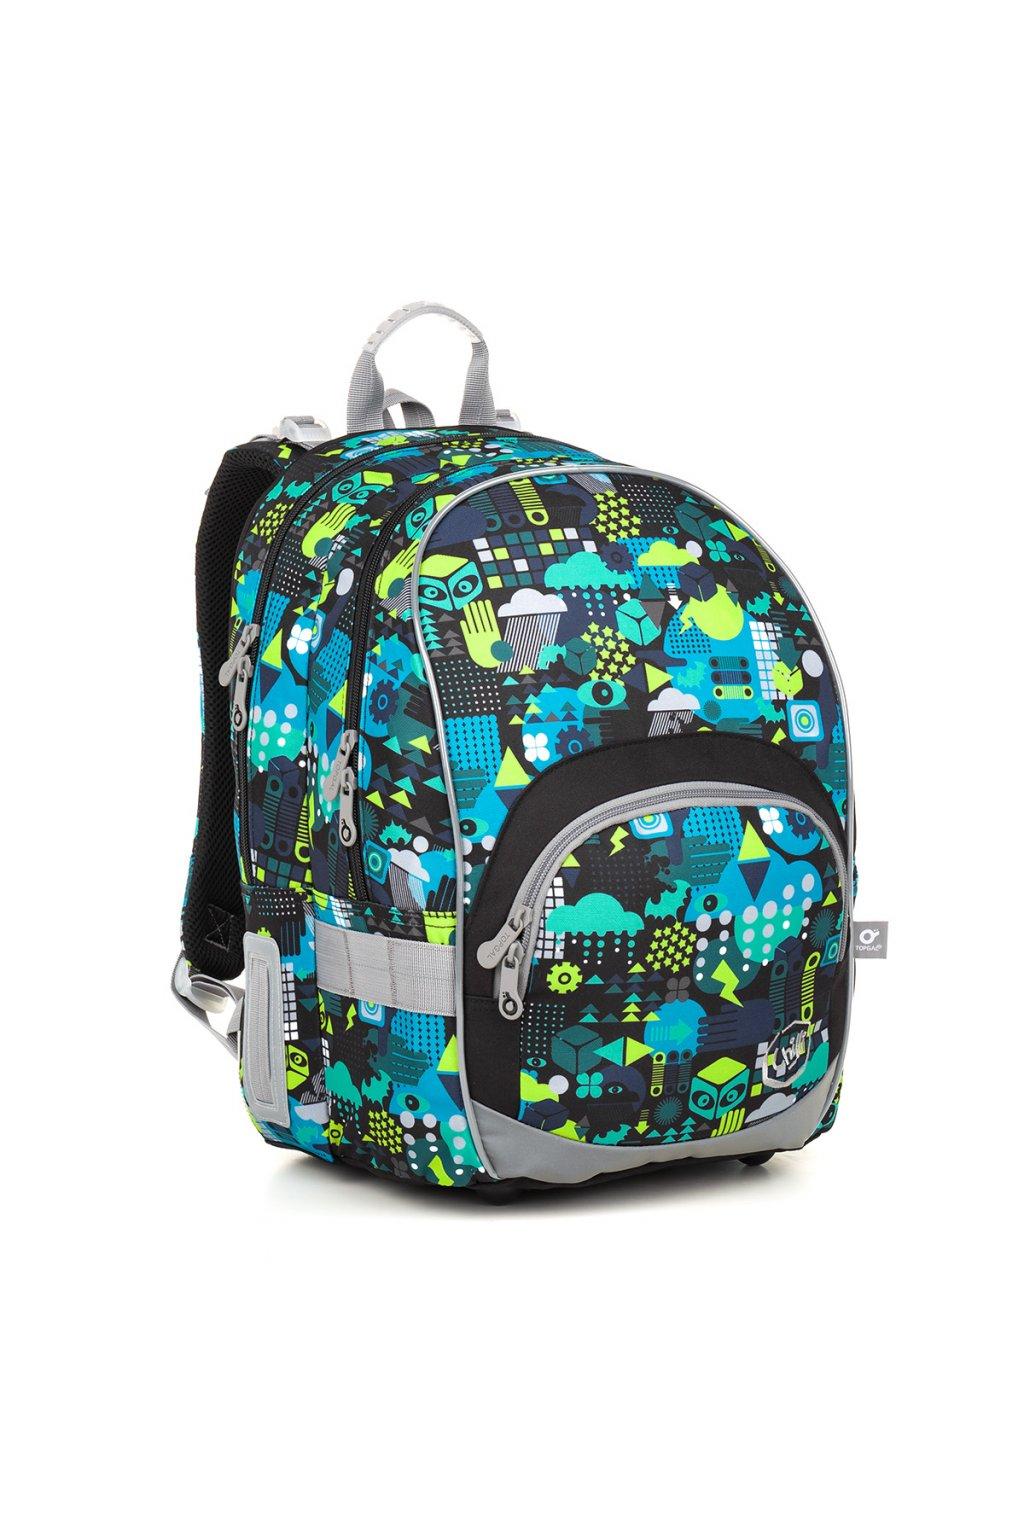 chlapecký školní batoh topgal kimi 18011 b